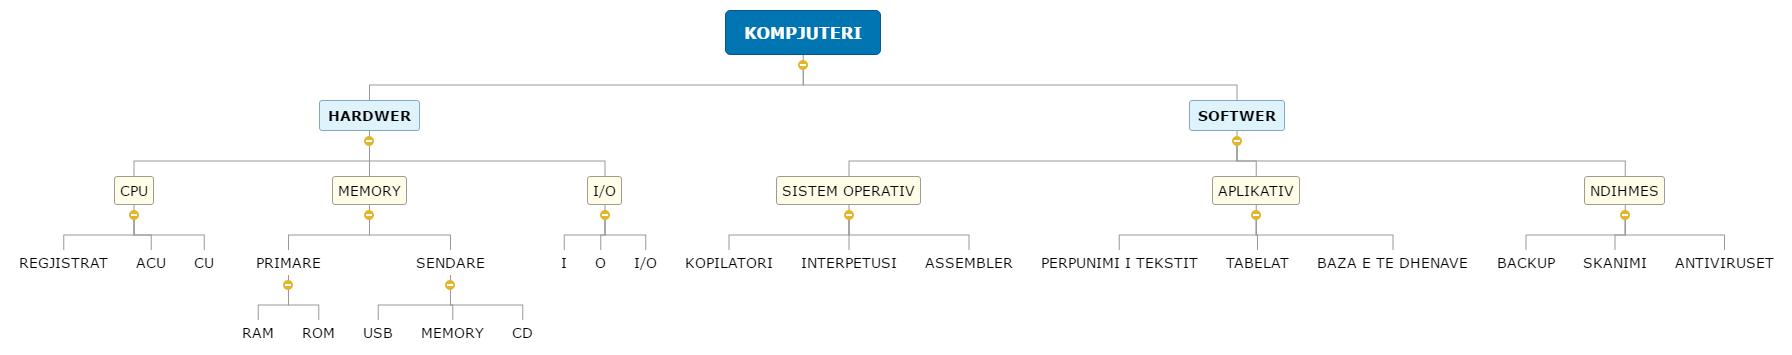 TIK - KOMPJUTERI Mind Map